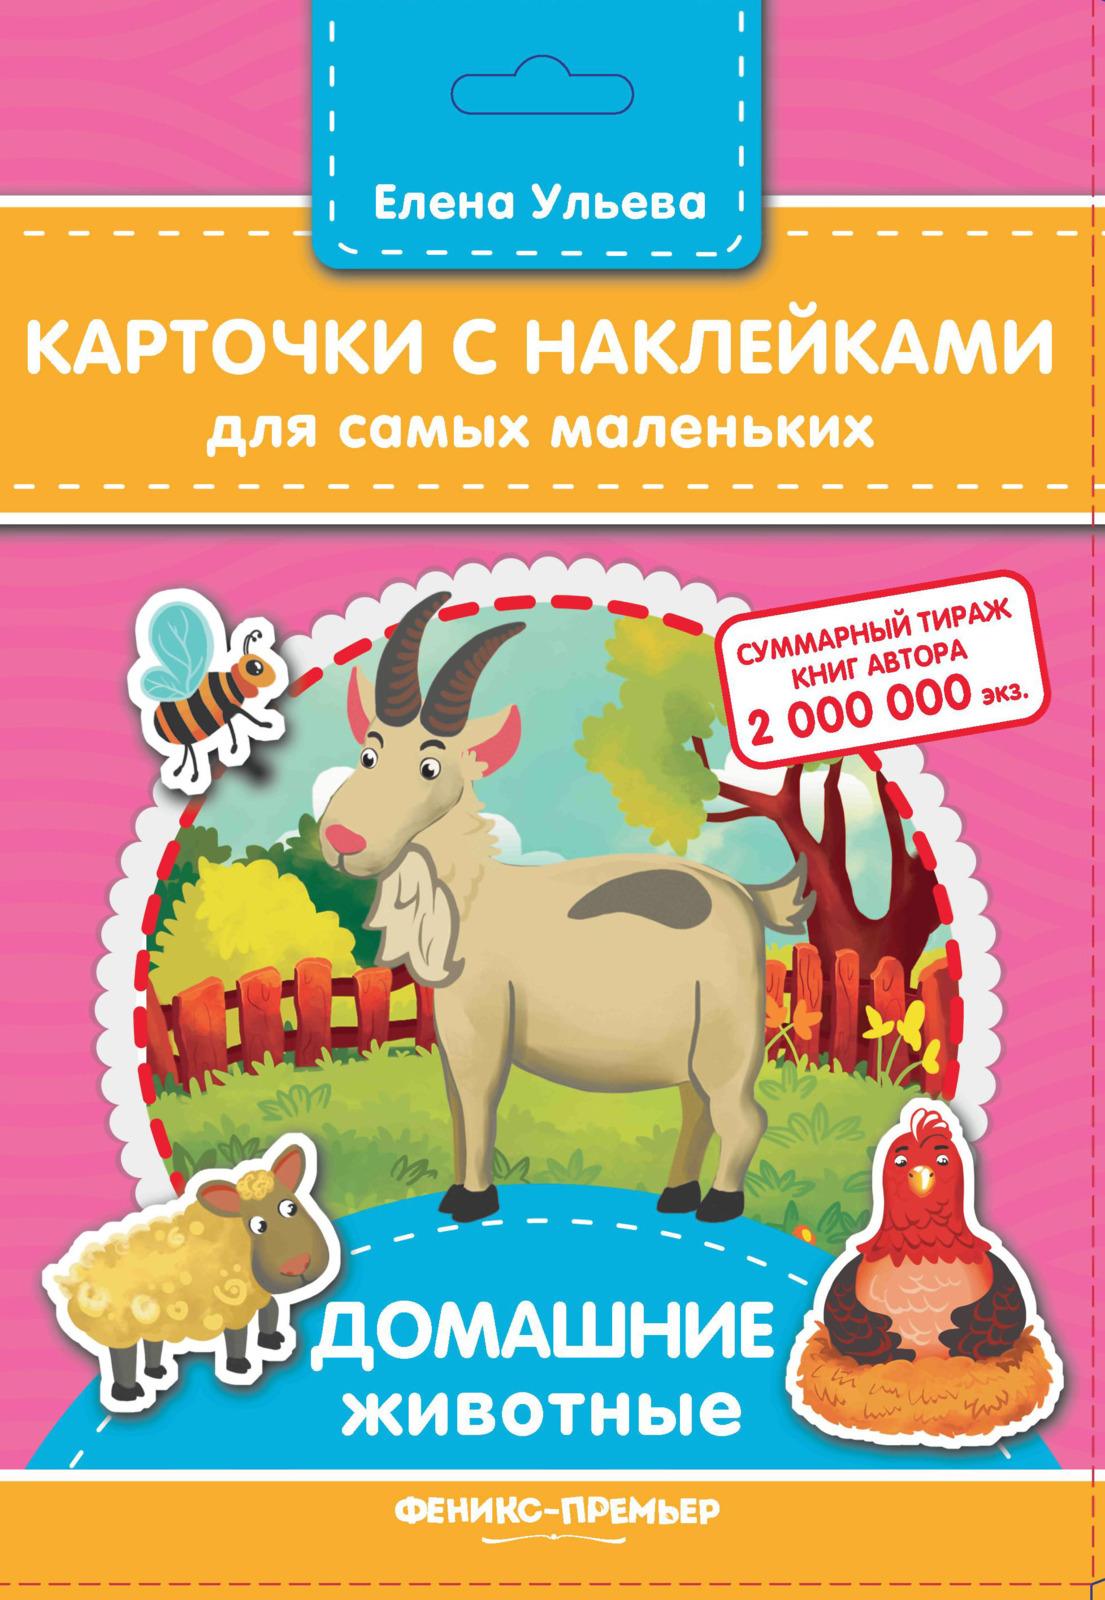 Е. Ульева Карточки с наклейками для самых маленьких. Домашние животные лункина е карточки задания по формированию грамотности и скорости чтения у дошкольников